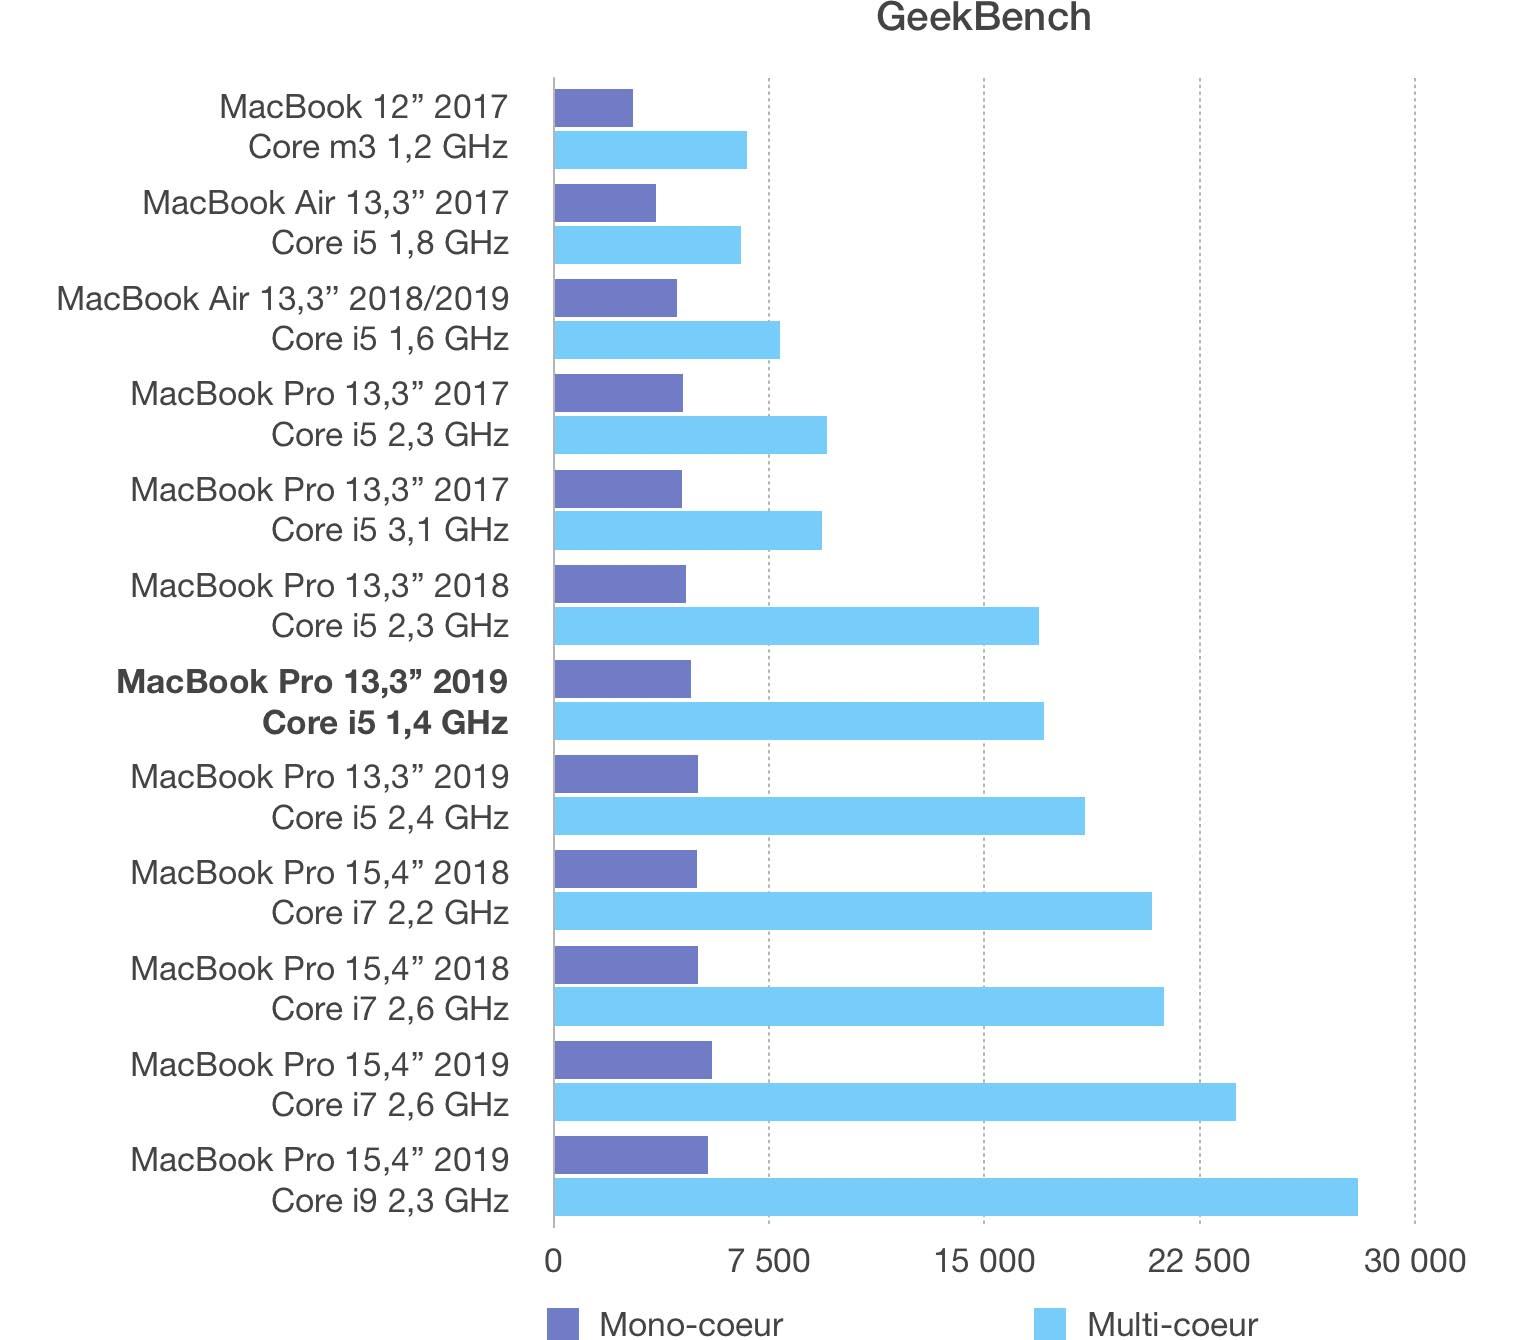 Classement Geekbench MacBook Pro 13 2019